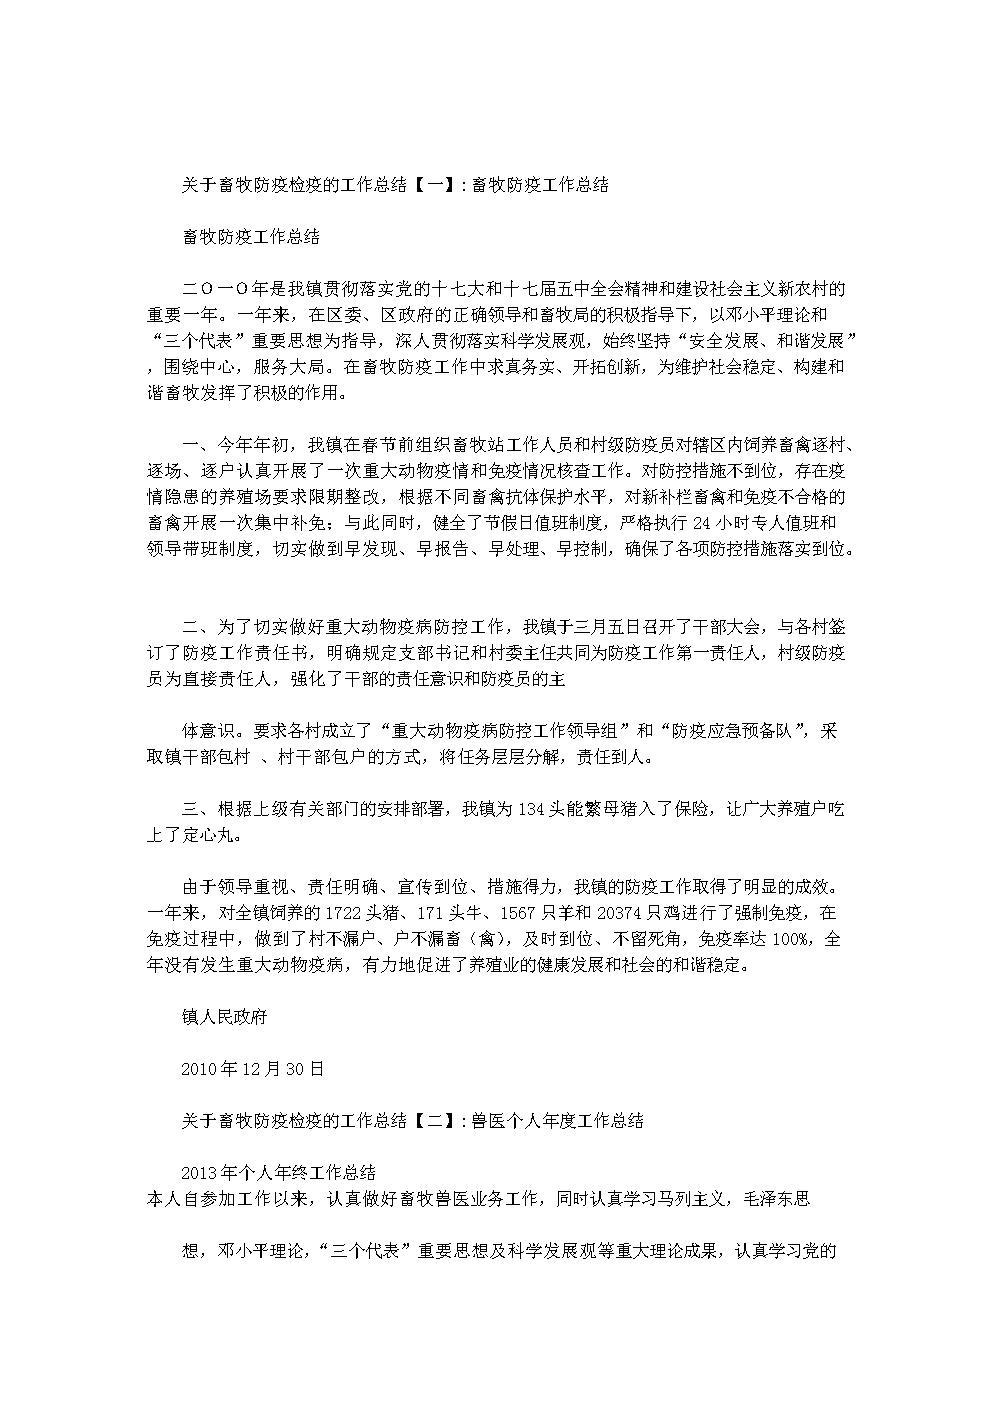 关于畜牧防疫检疫的工作总结范文.doc